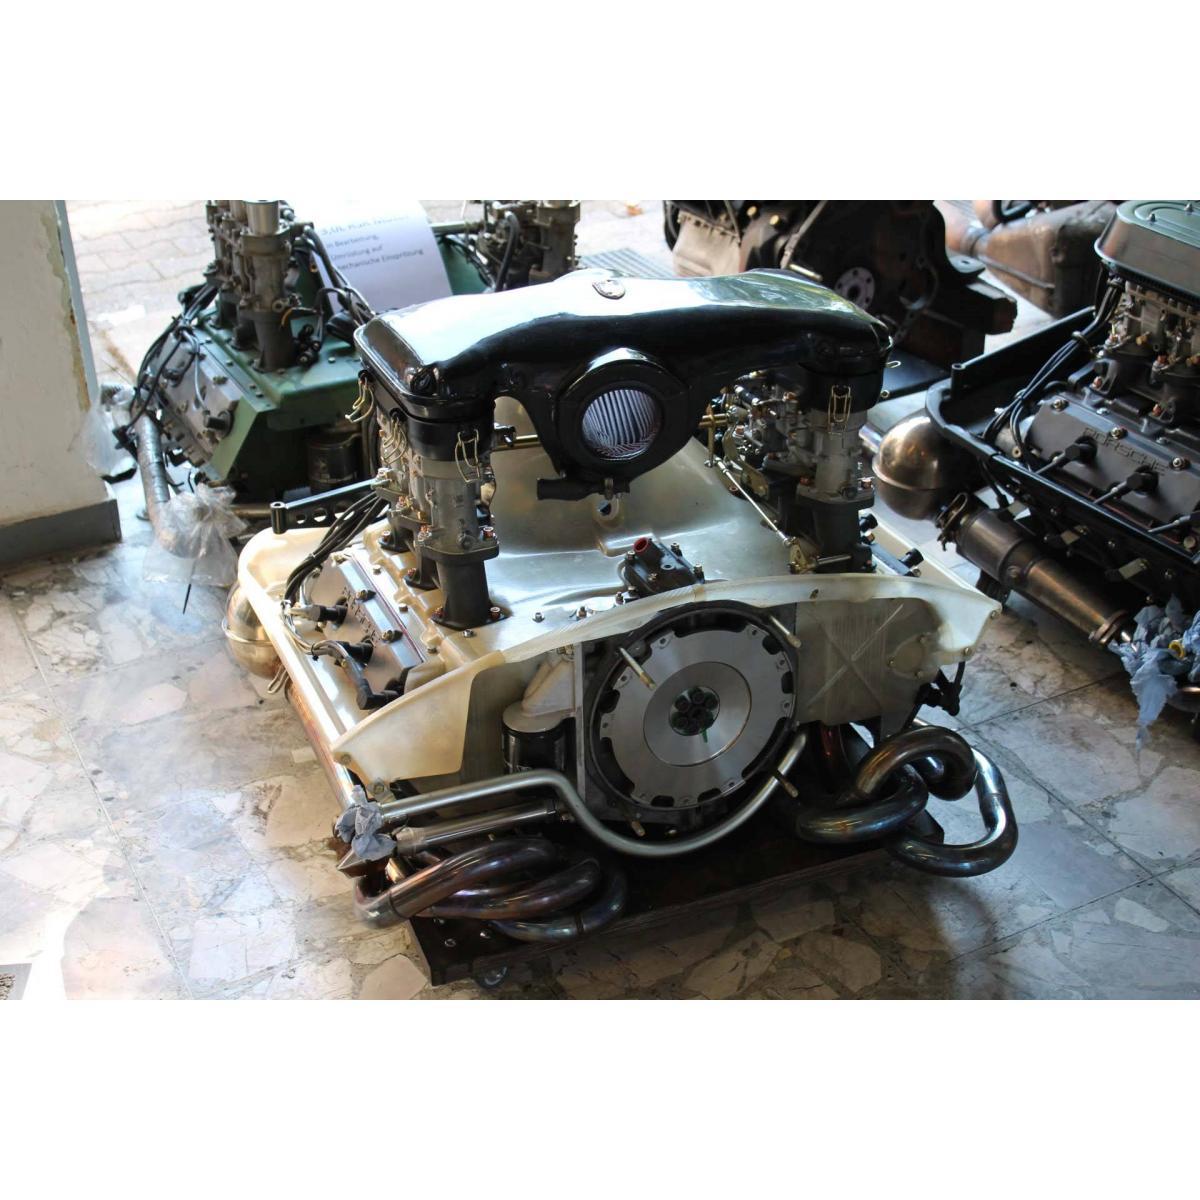 """Motor komplett, 2,8 """"Fliegender Holländer"""", 272 PS/ 299 Nm"""